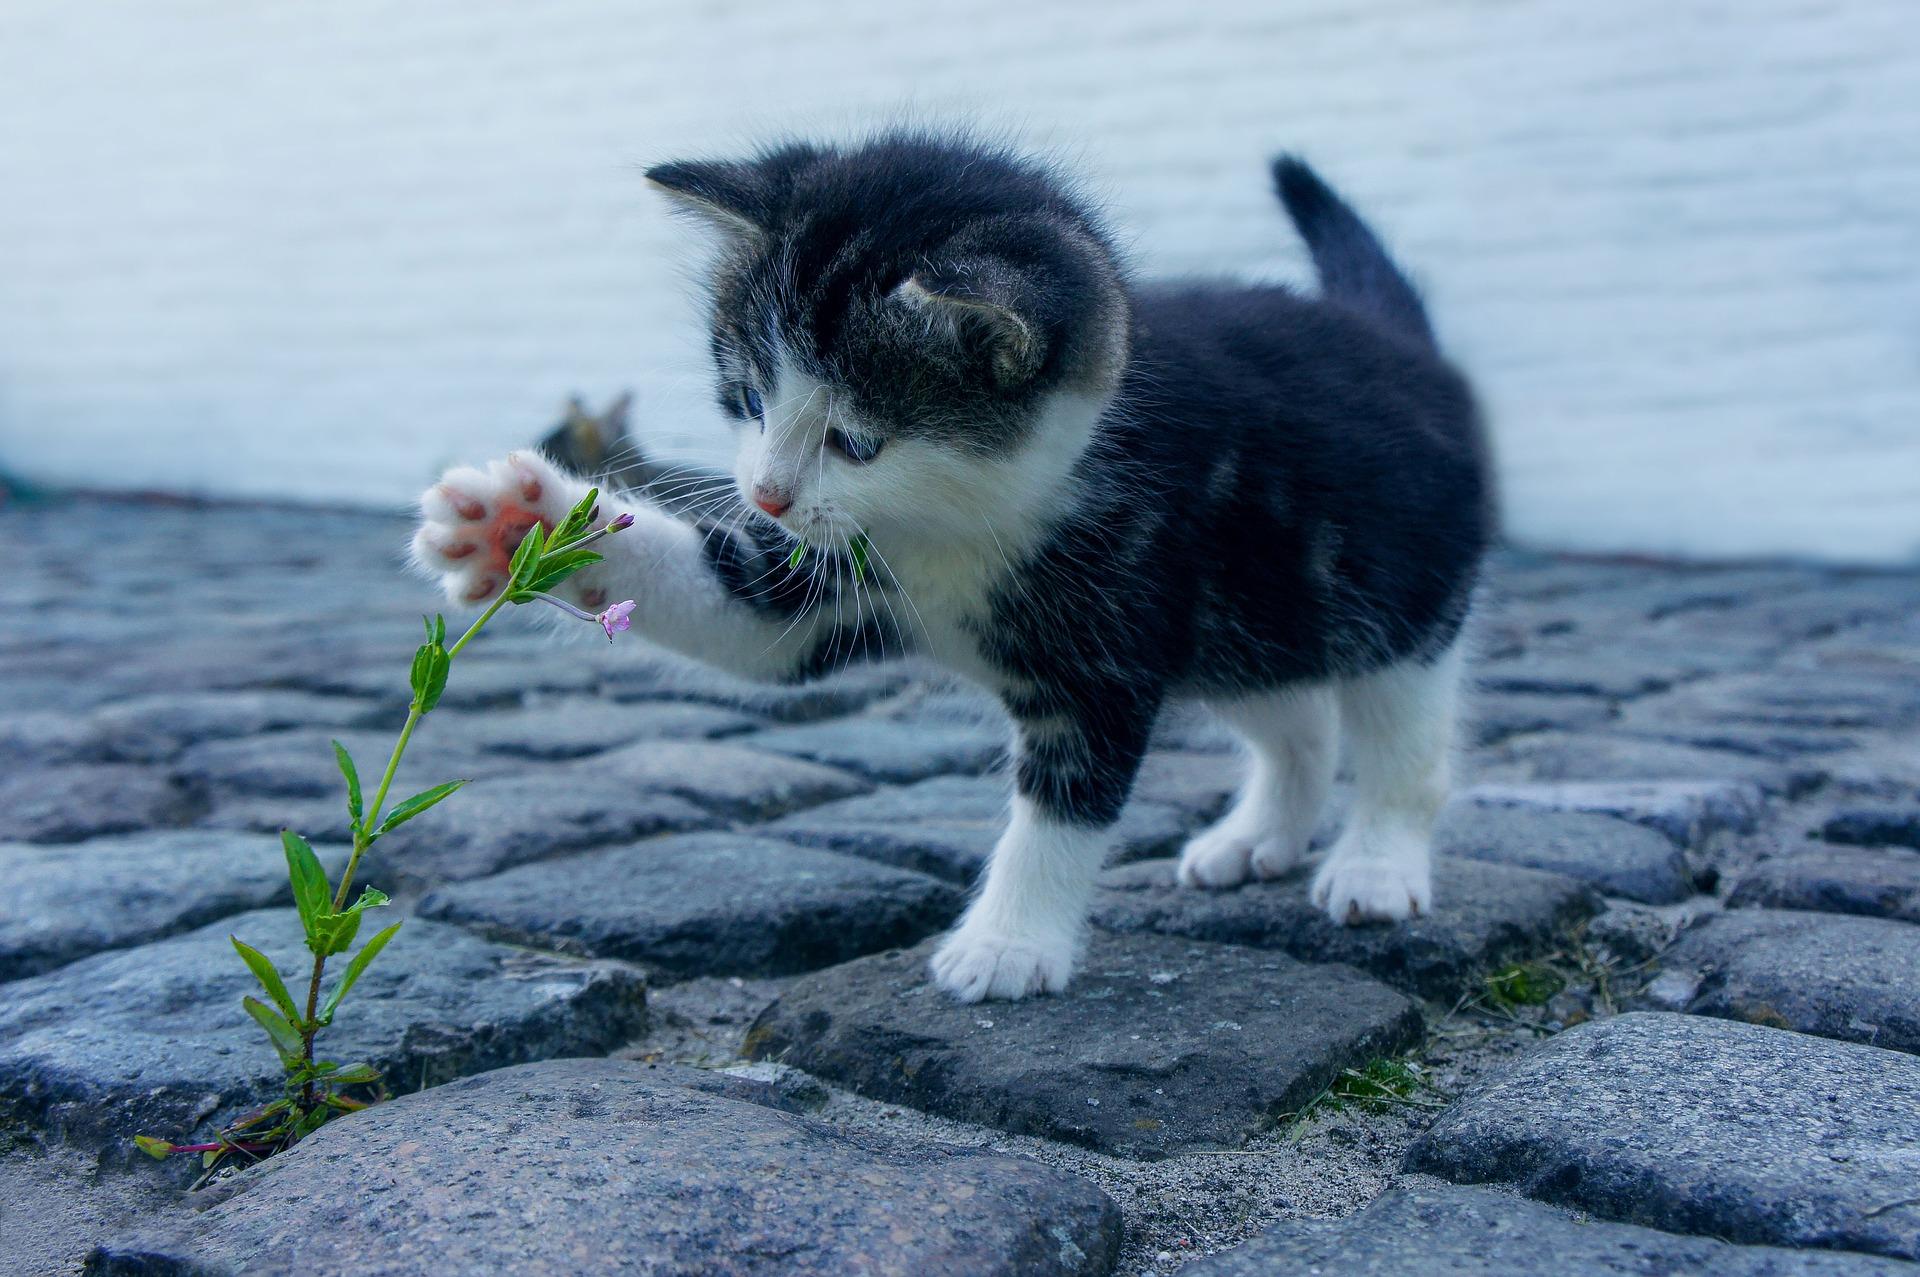 download wallpaper: kitten met een bloem wallpaper